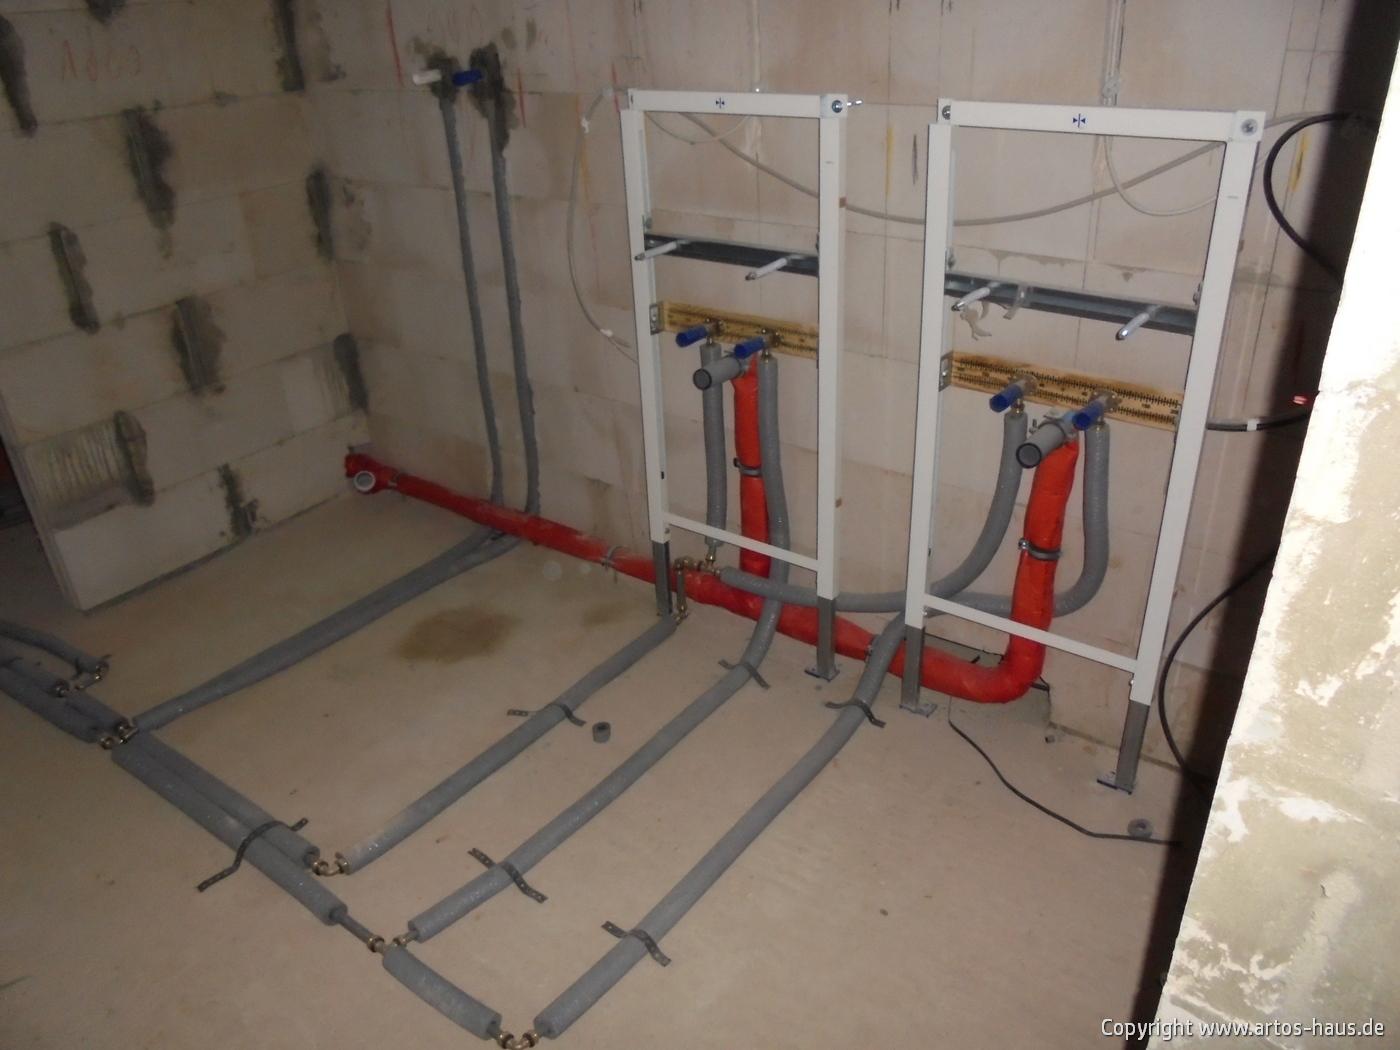 Rohinstallation Sanitär | ARTOS-HAUS Bauvorhaben in BonnBild 3